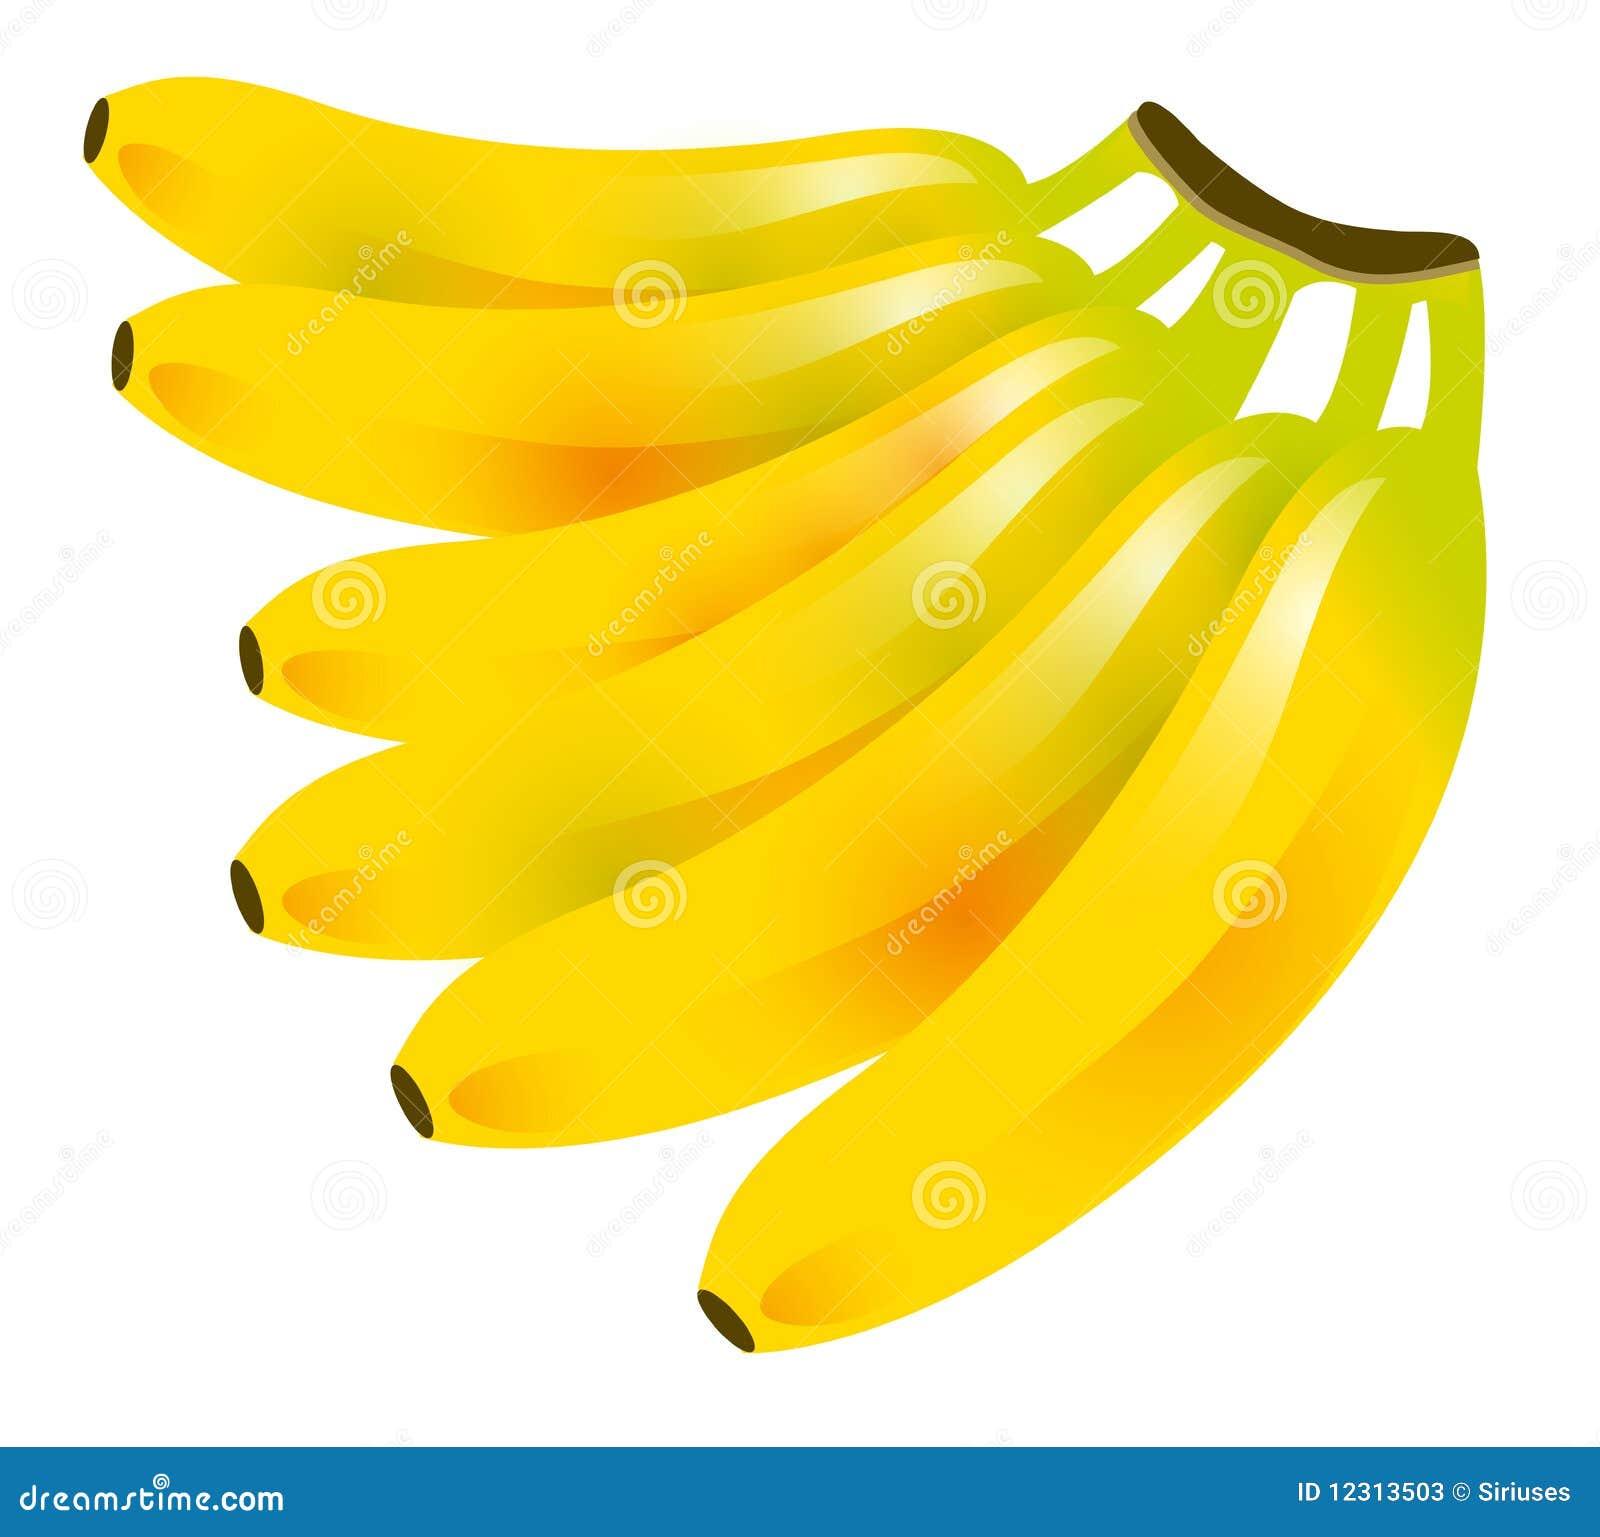 免版税  download comp 画甜白色的背景香蕉 抽象, 艺术, 靠山, 背包图片